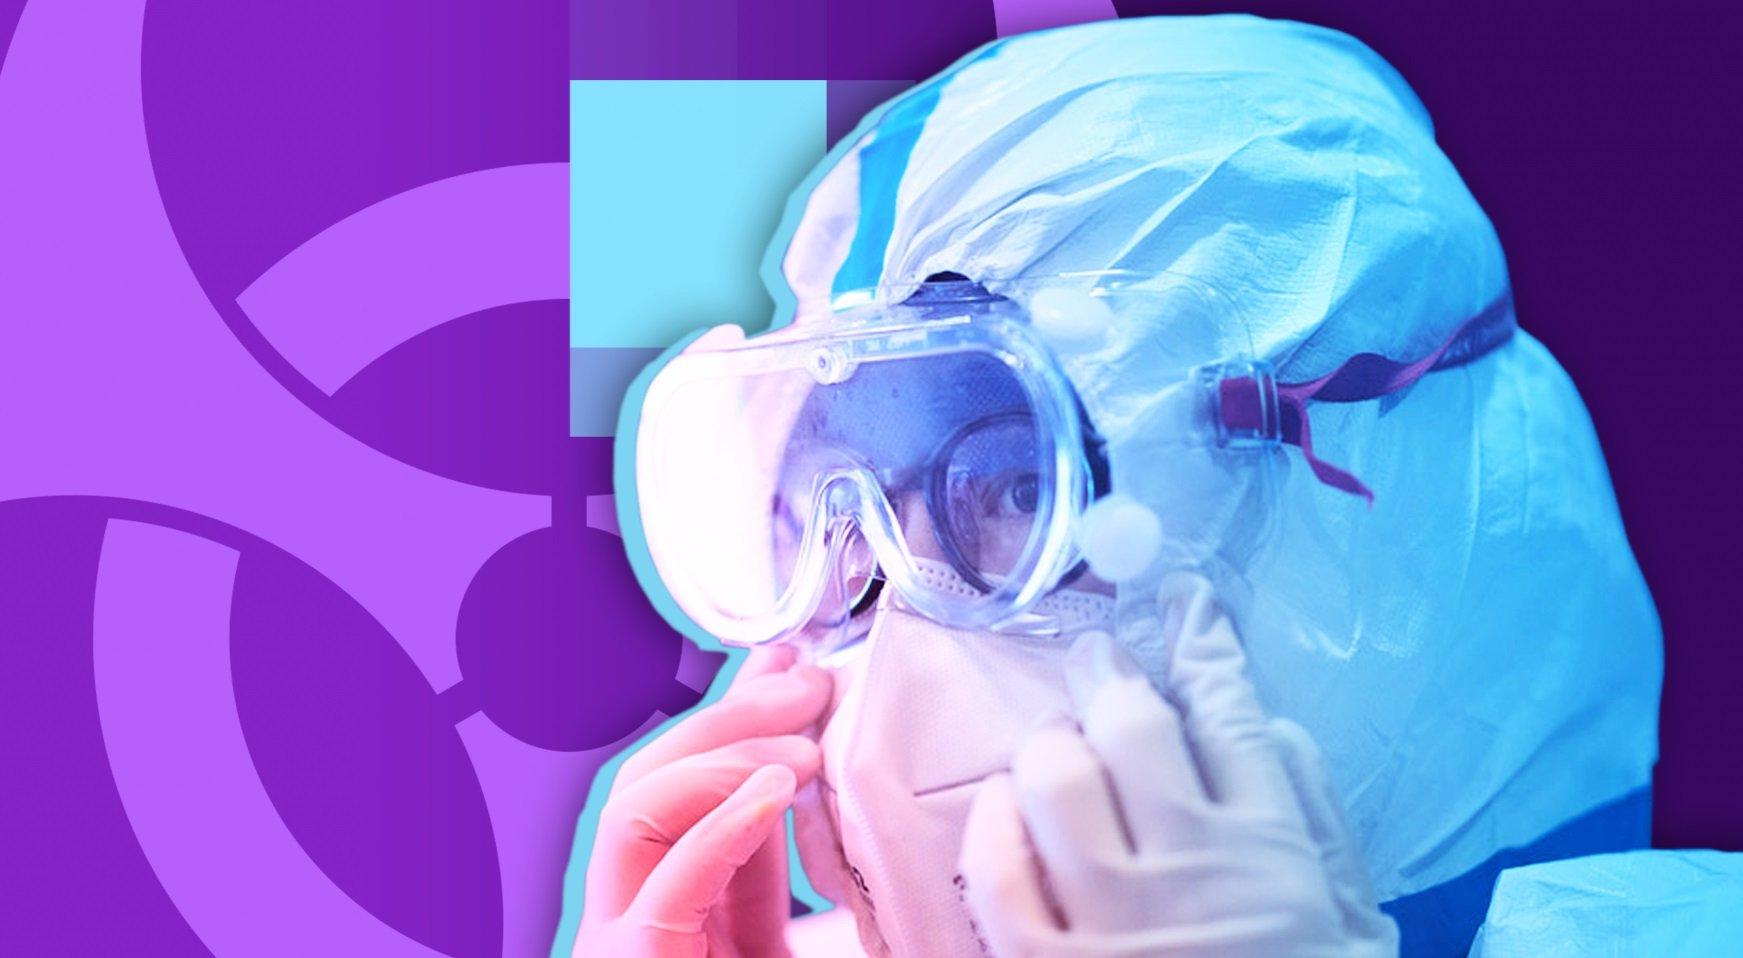 Імунітет від коронавіруса: італійський вчений розкрив правду про хворобу, що налякала весь світ - today.ua